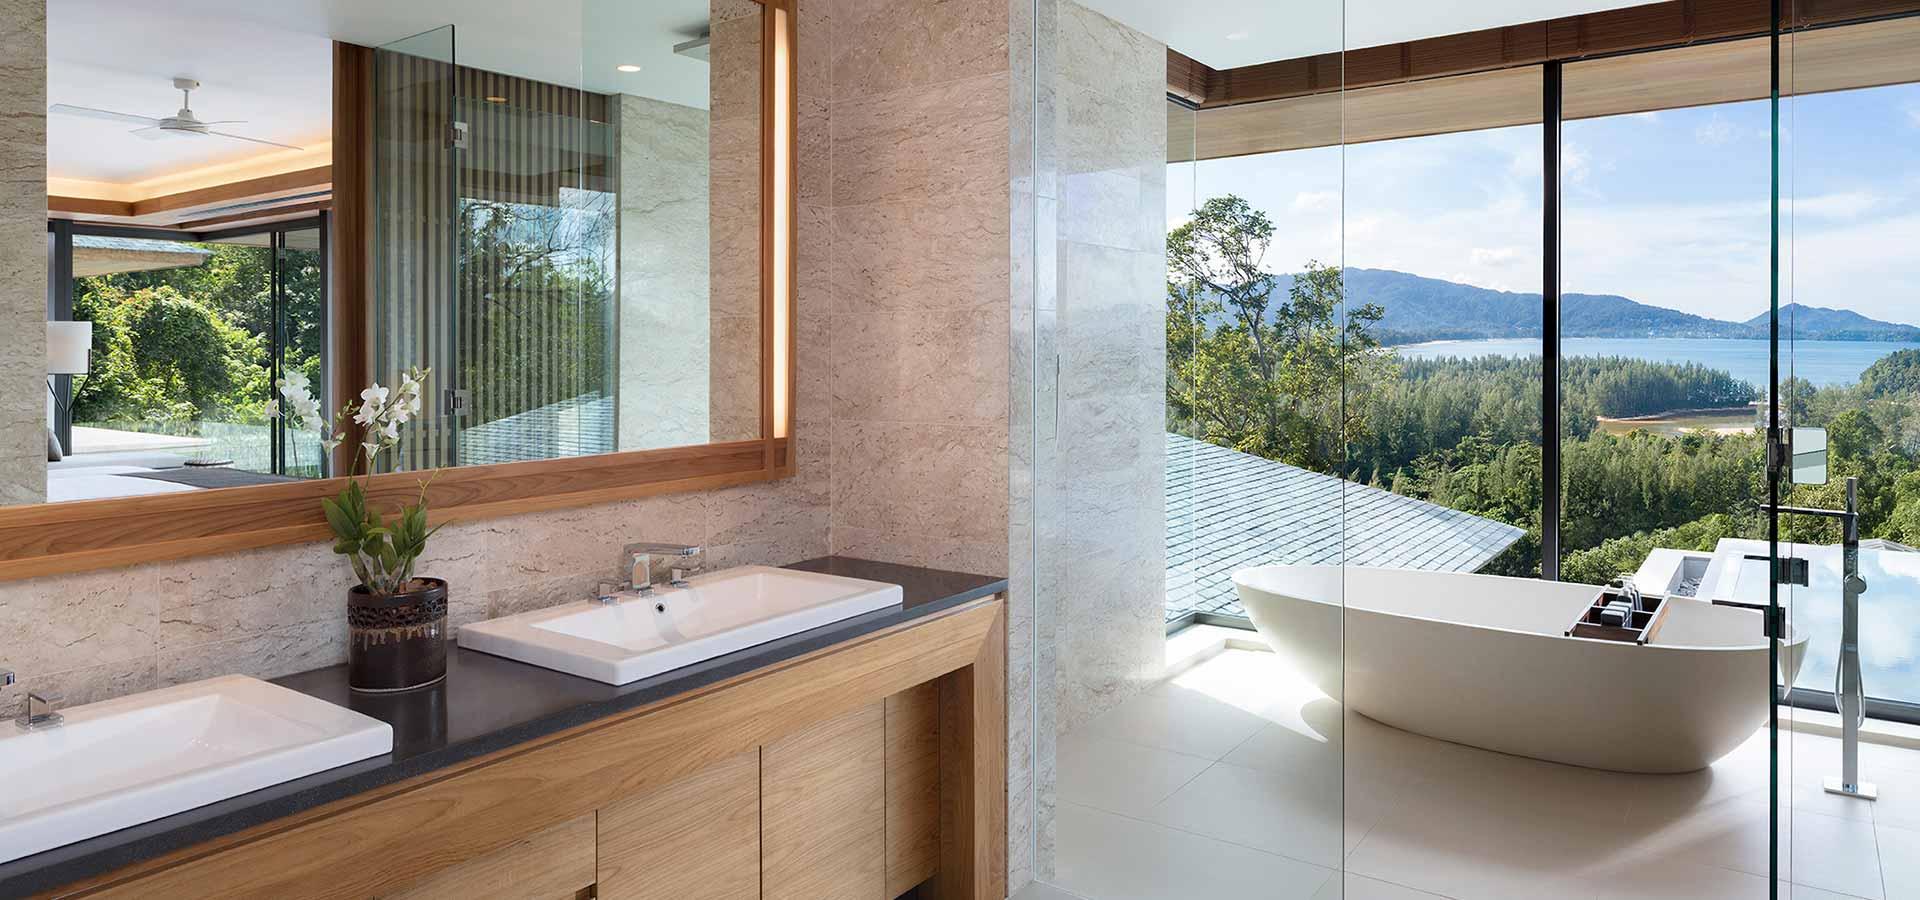 www.phuketrealestateagency.com – Avadina Hills Phuket (10)